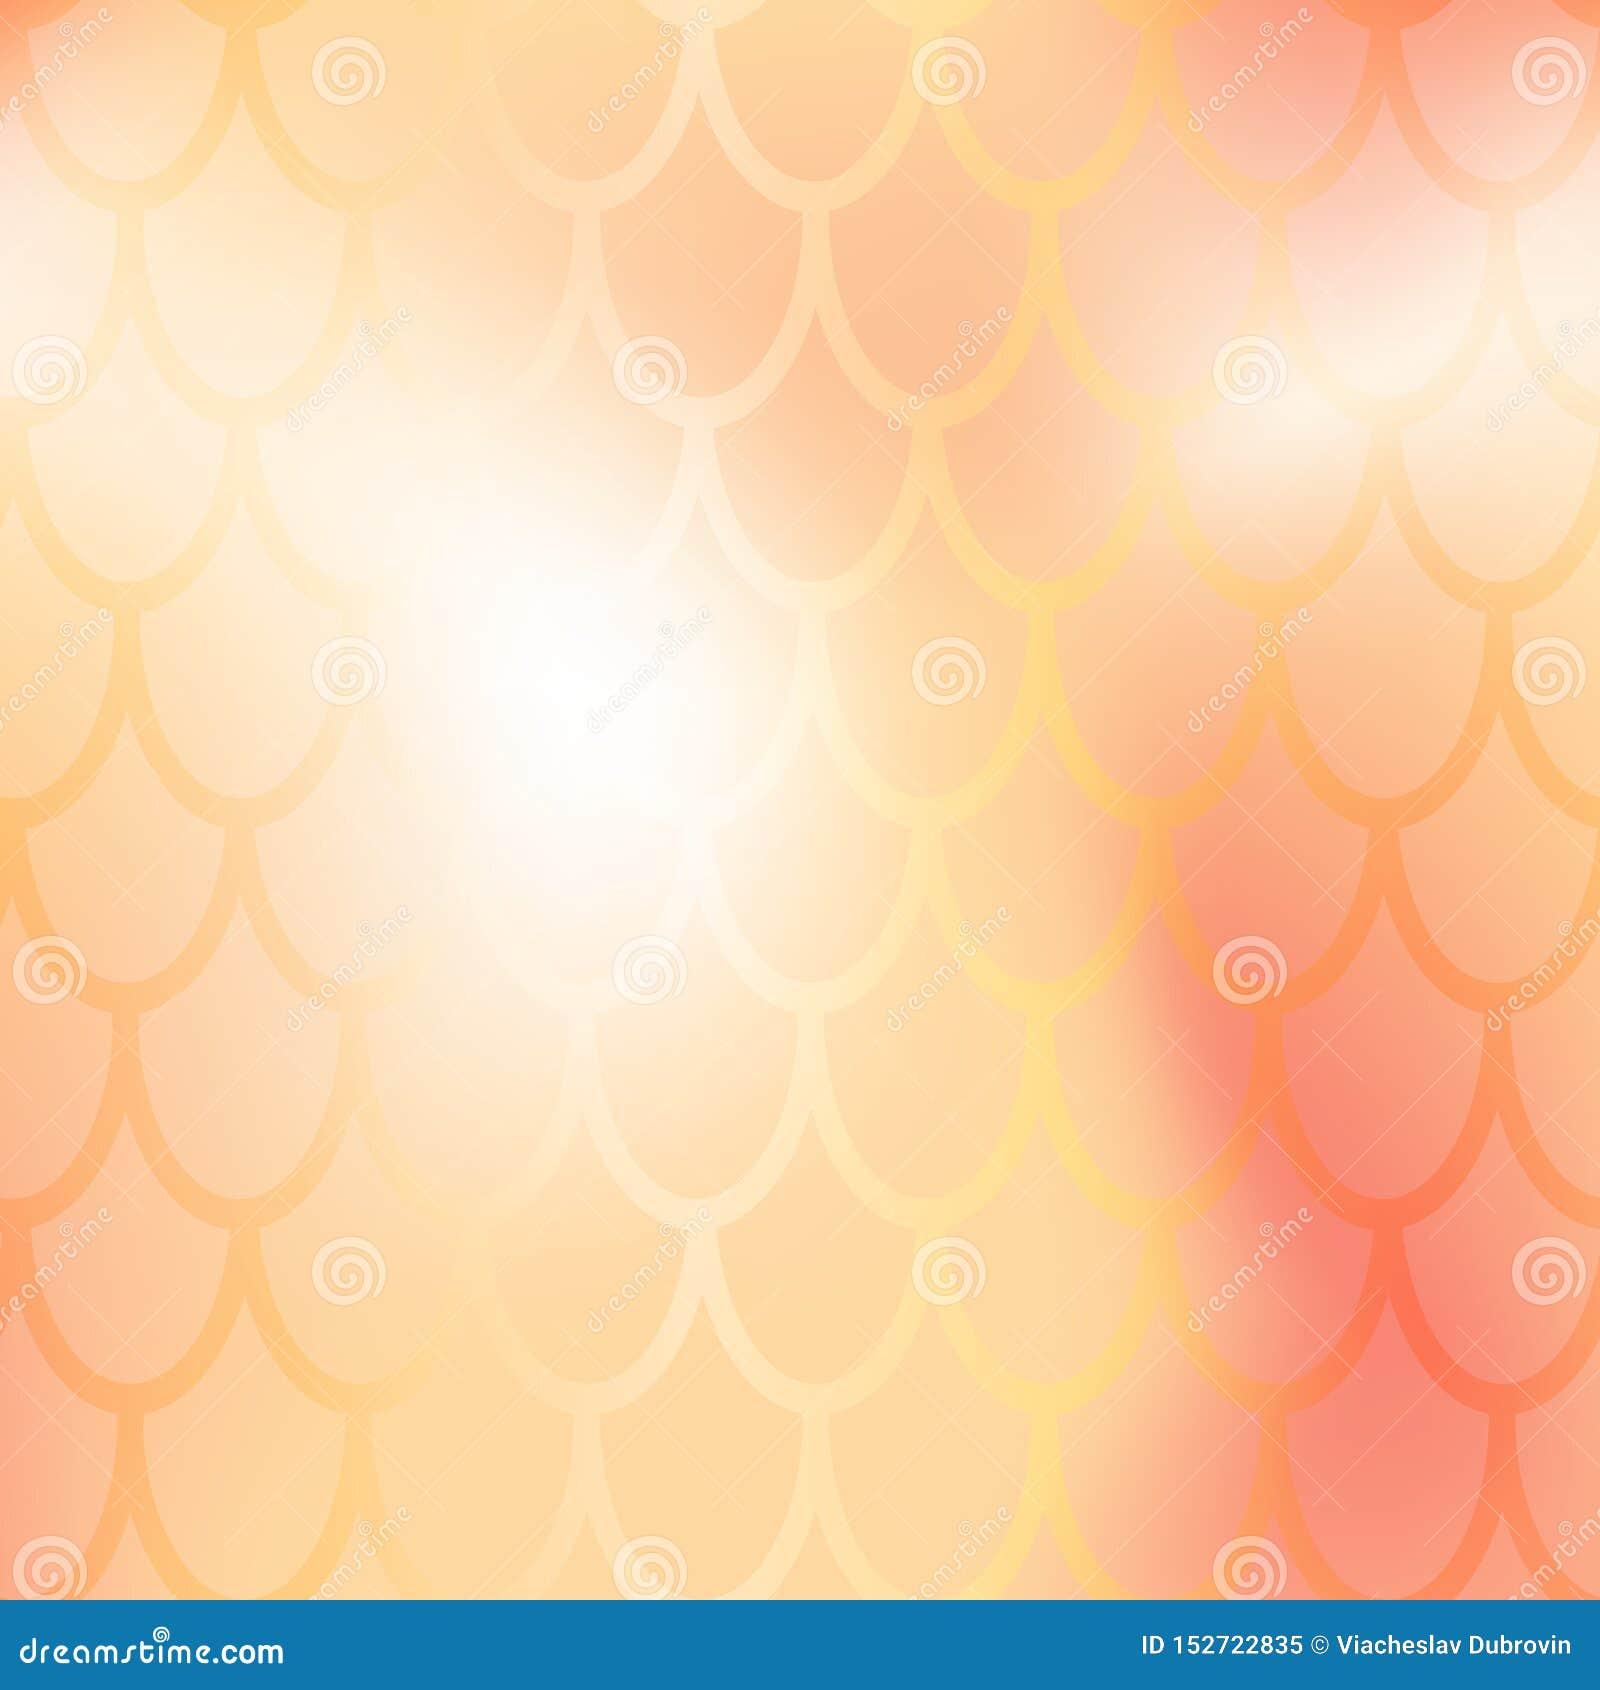 Mermaid Or Fish Scale Seamless Pattern Golden Mermaid Skin